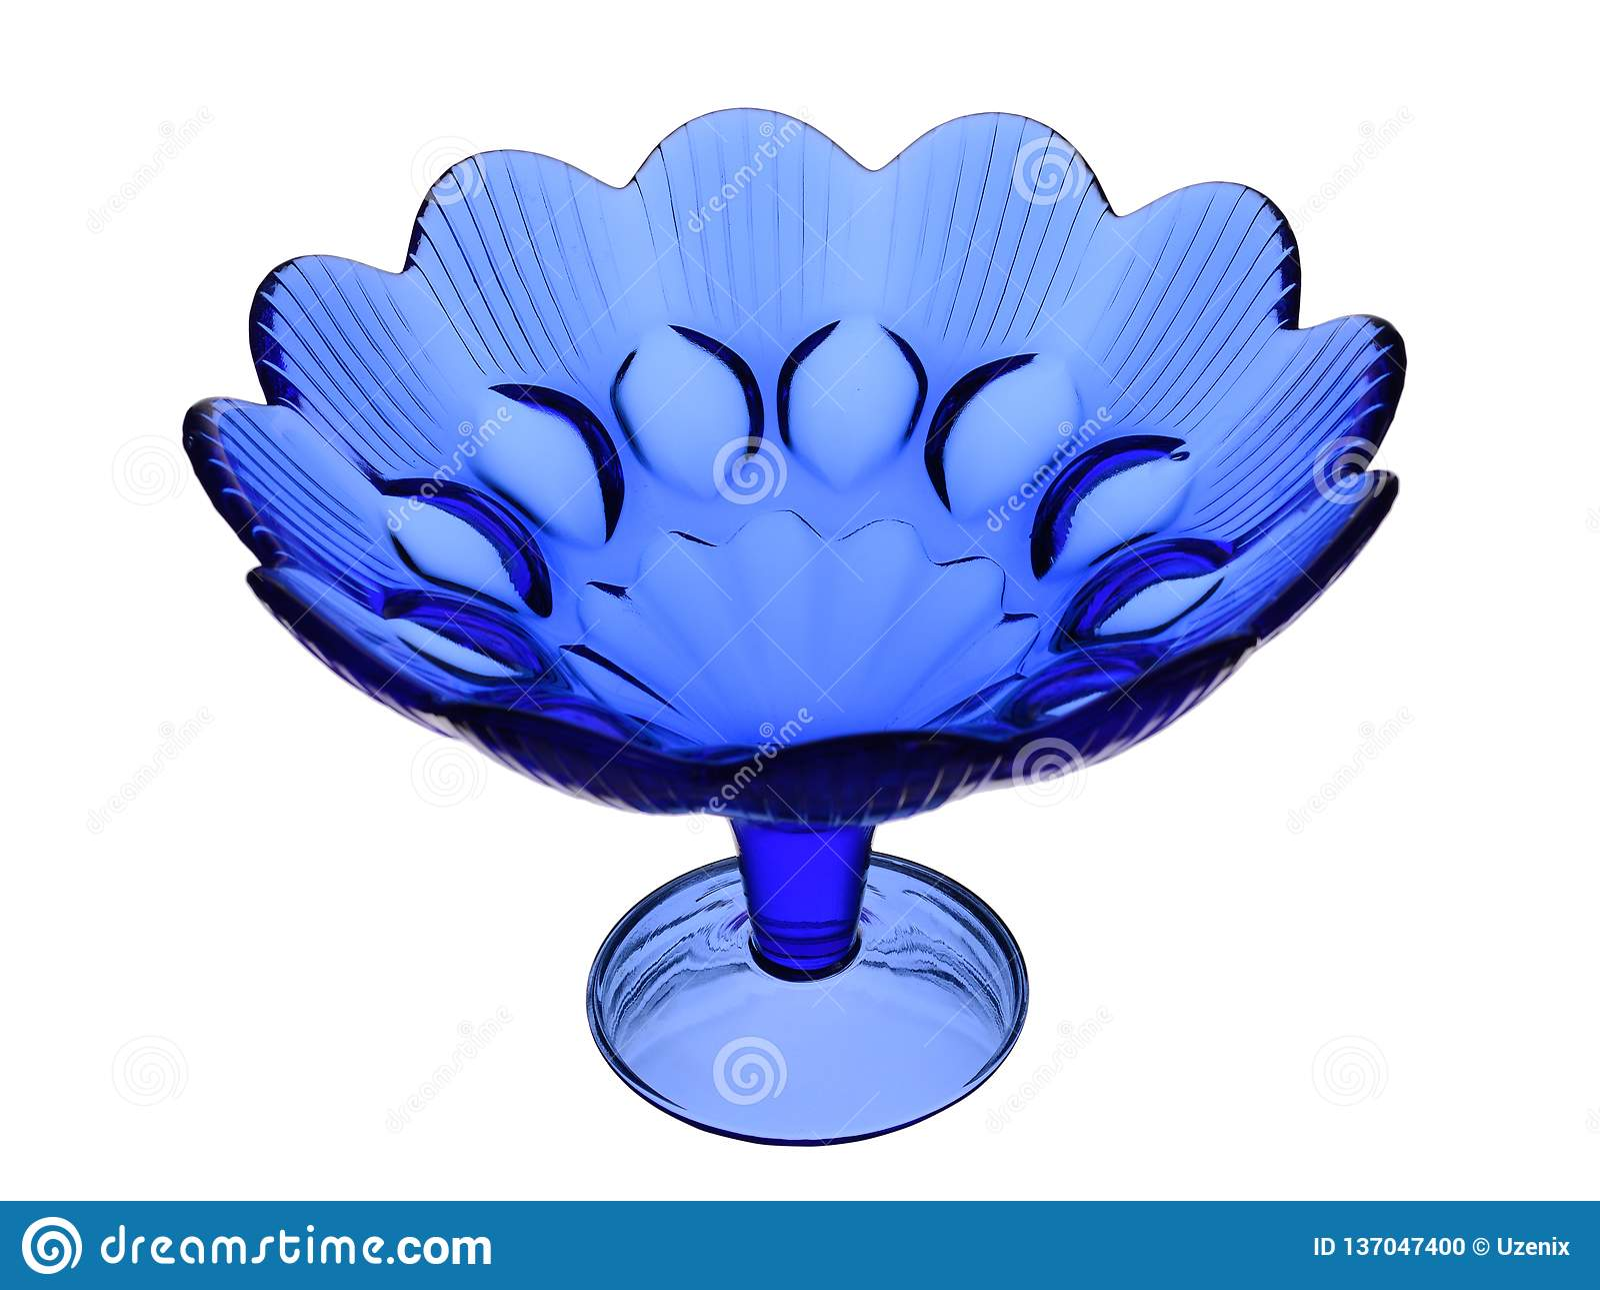 Vase saladier de verre bleu sur un fond blanc